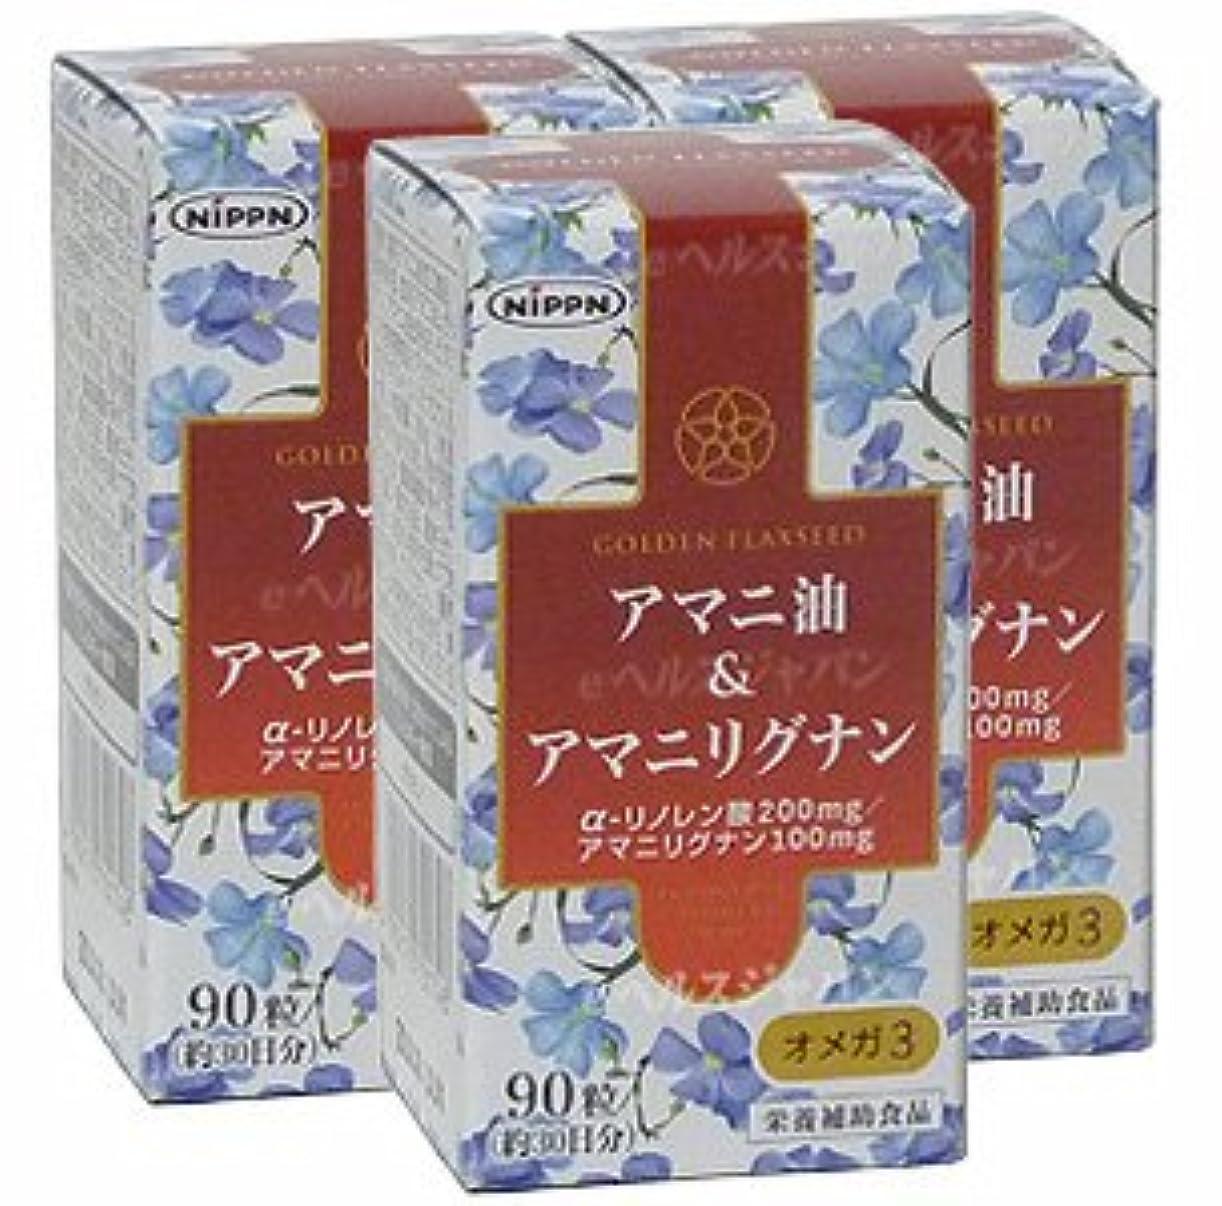 罰アレイ脊椎アマニ油&アマニリグナン【3本セット】日本製粉